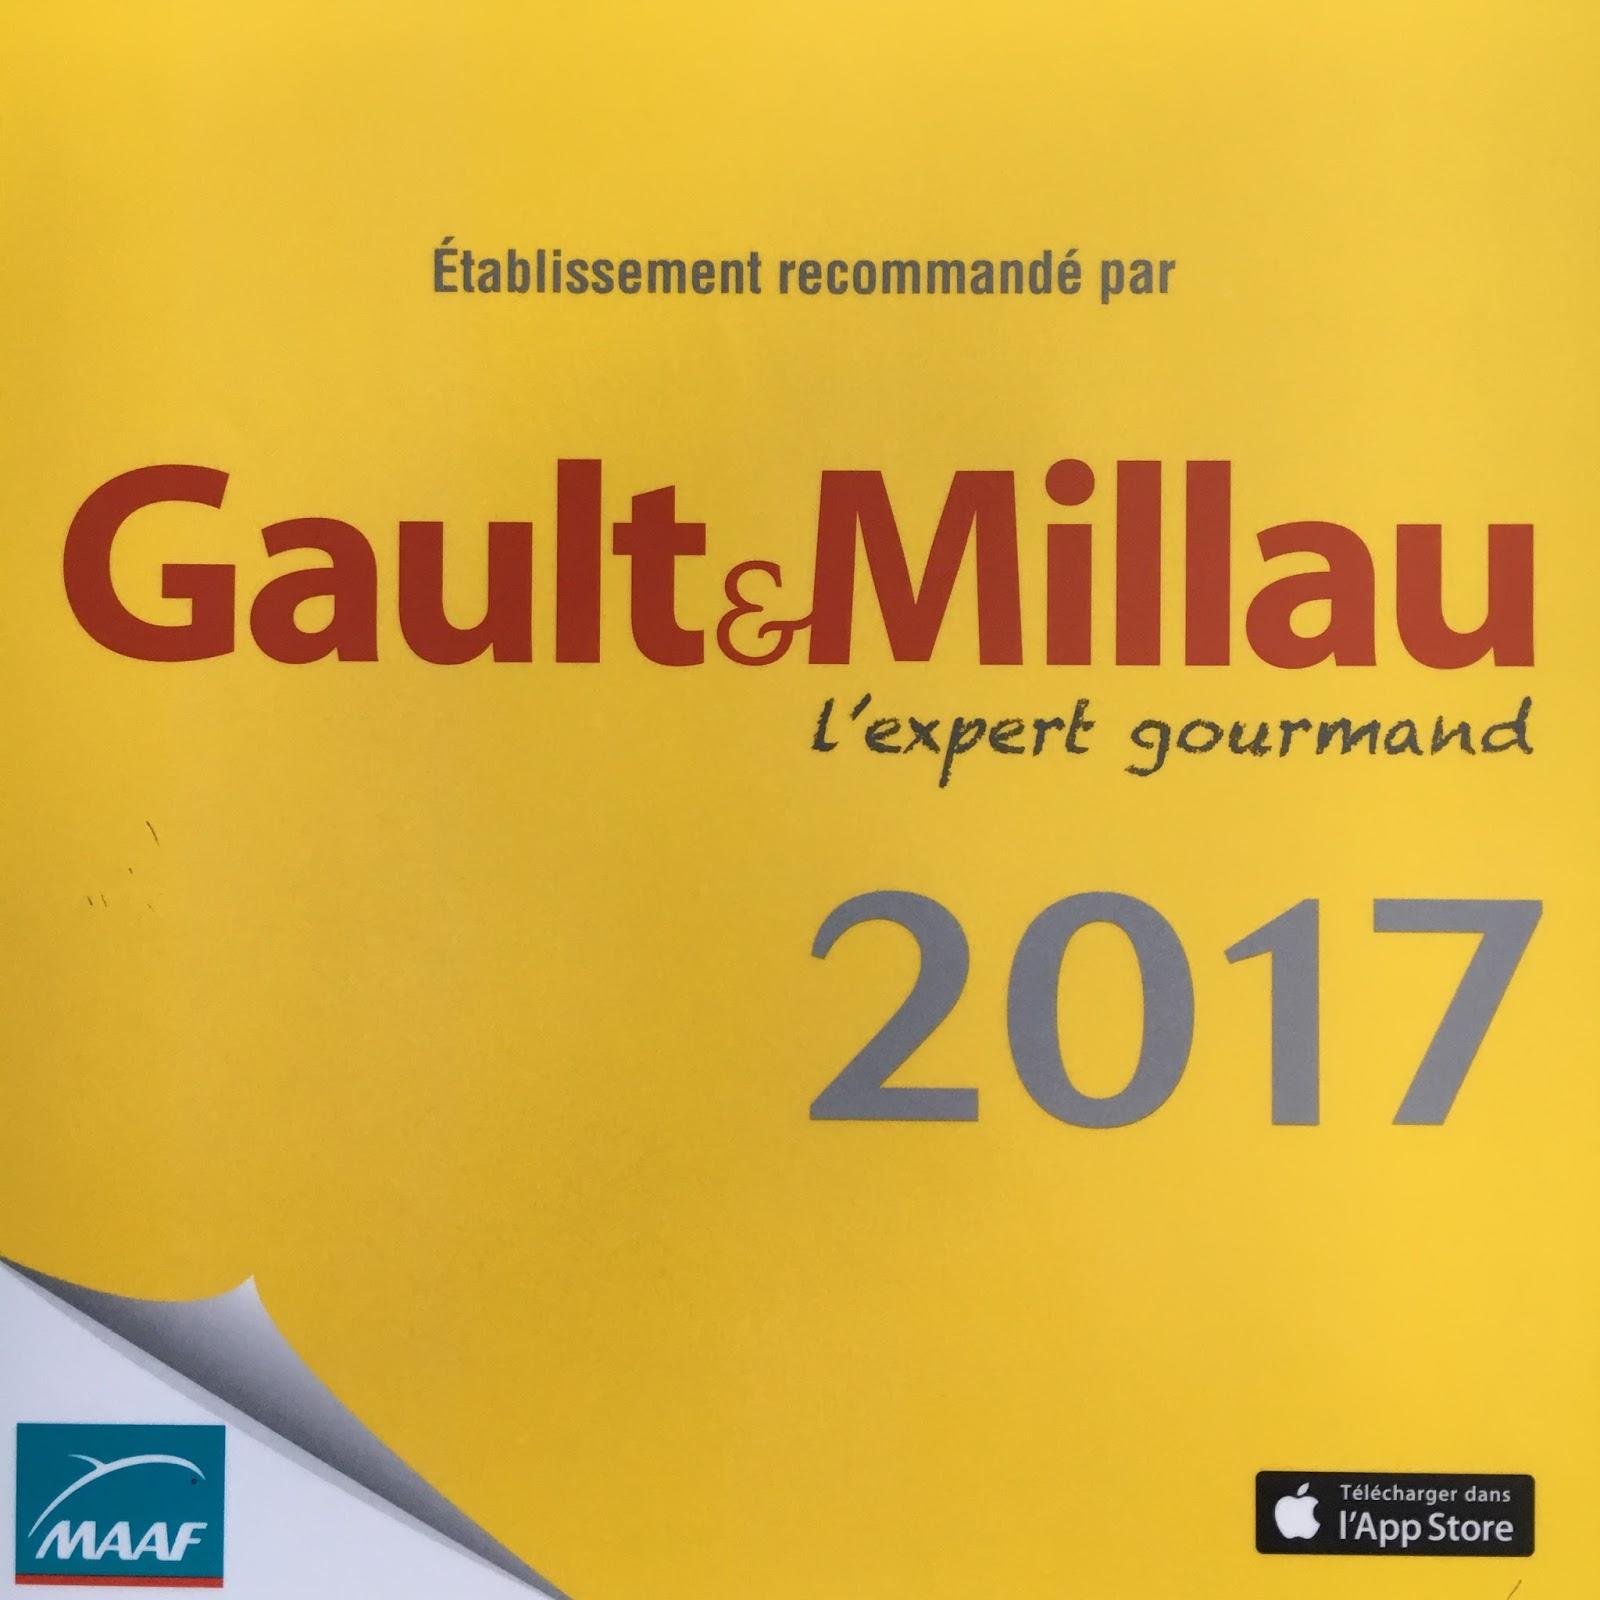 Recommandation Gault et Millau 2017 Les Vins Magnifiques Lyon